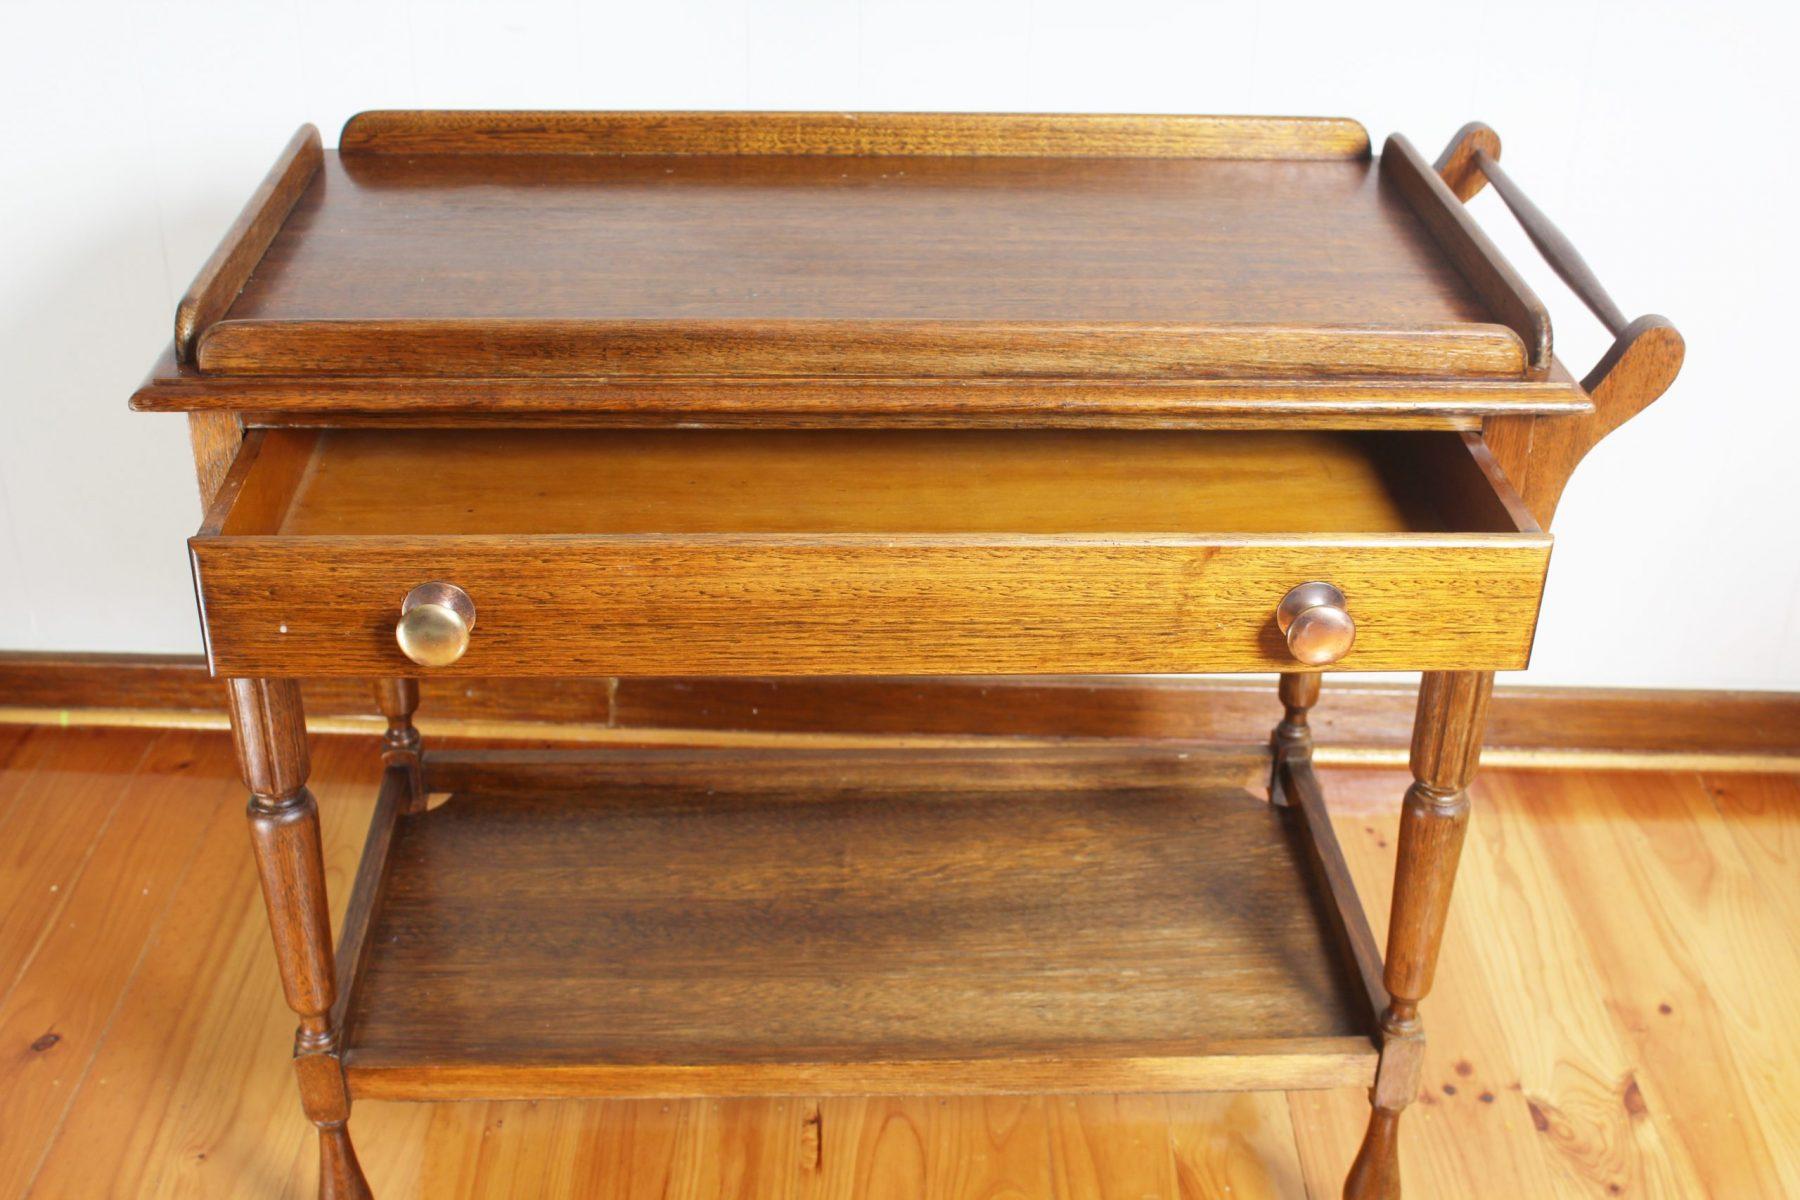 timbercart6